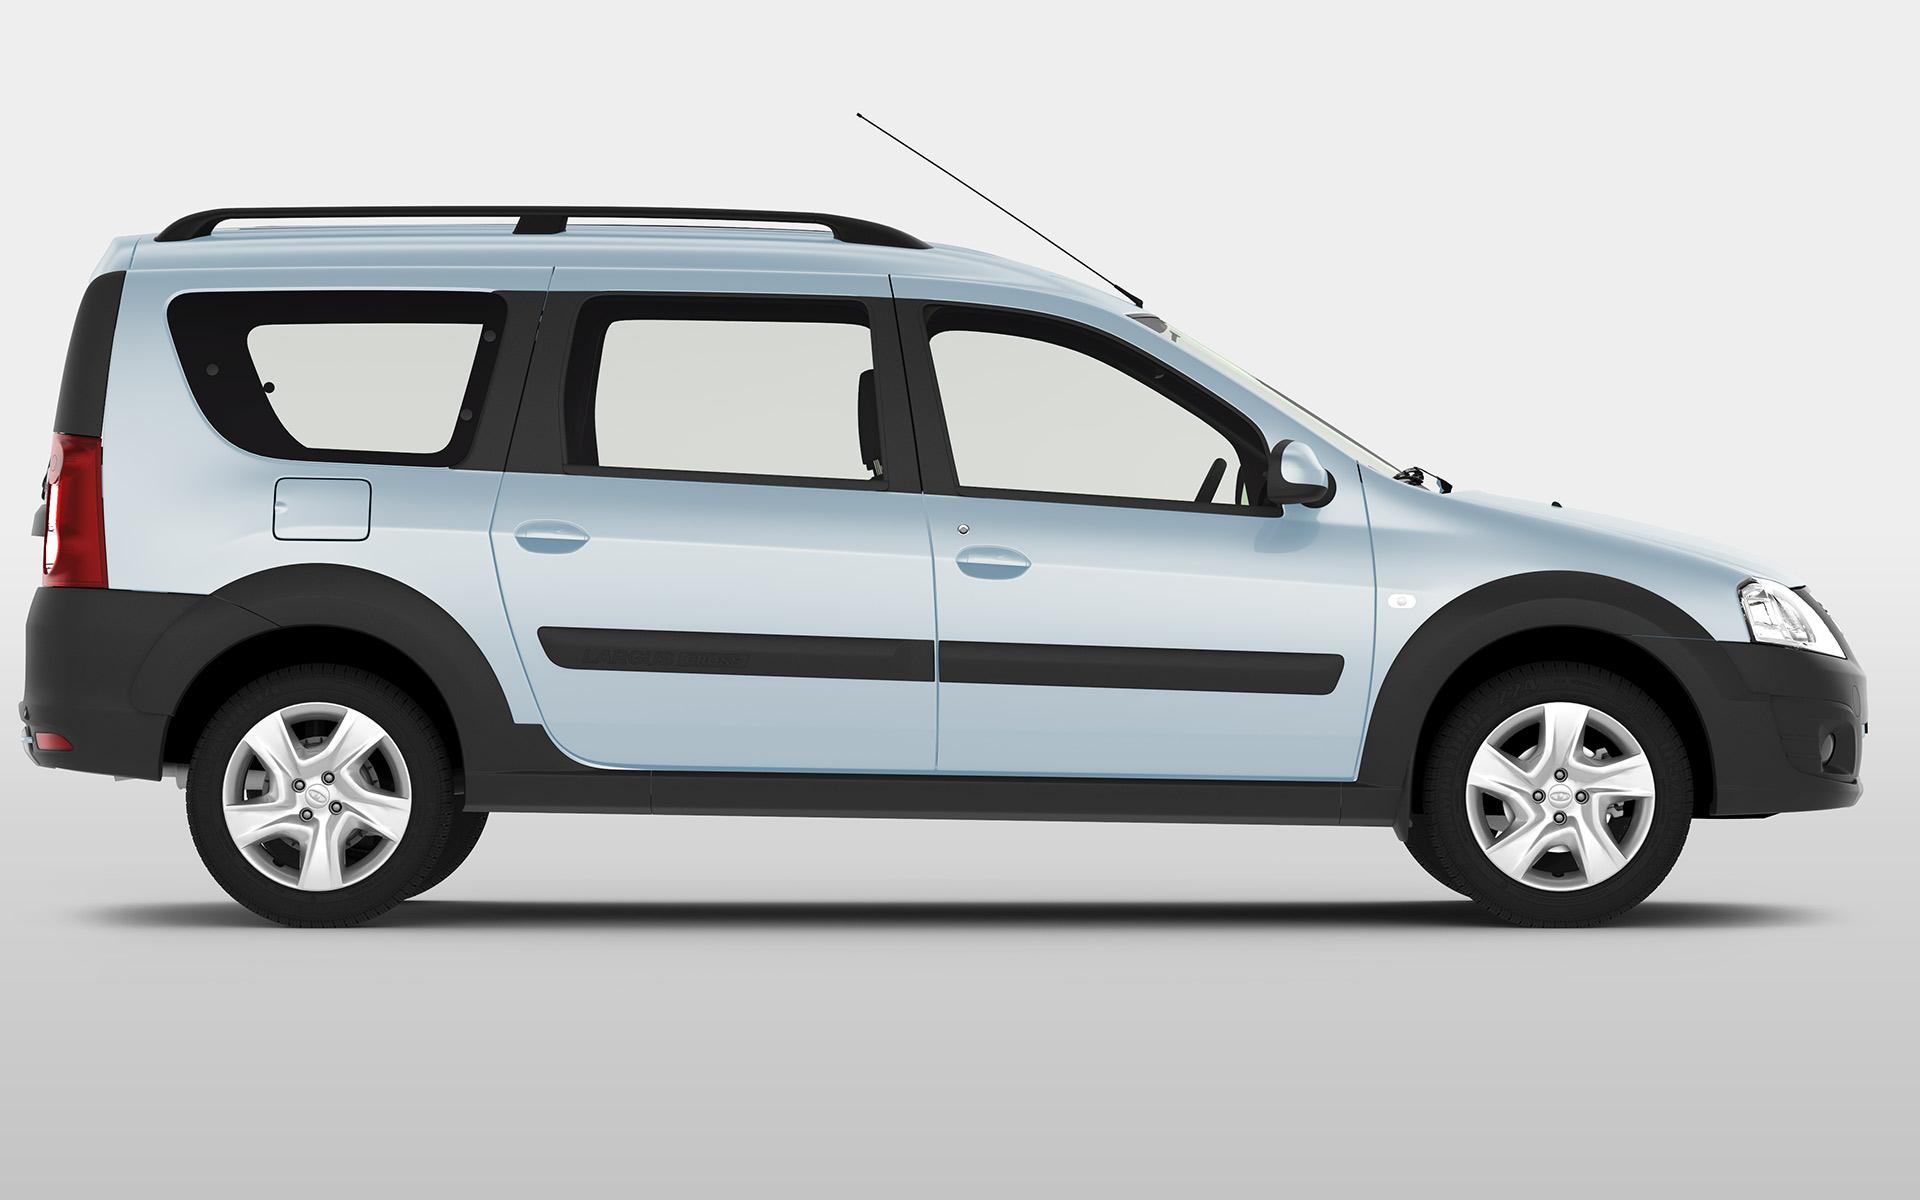 Car Lada Kalina Cross: owners reviews 92